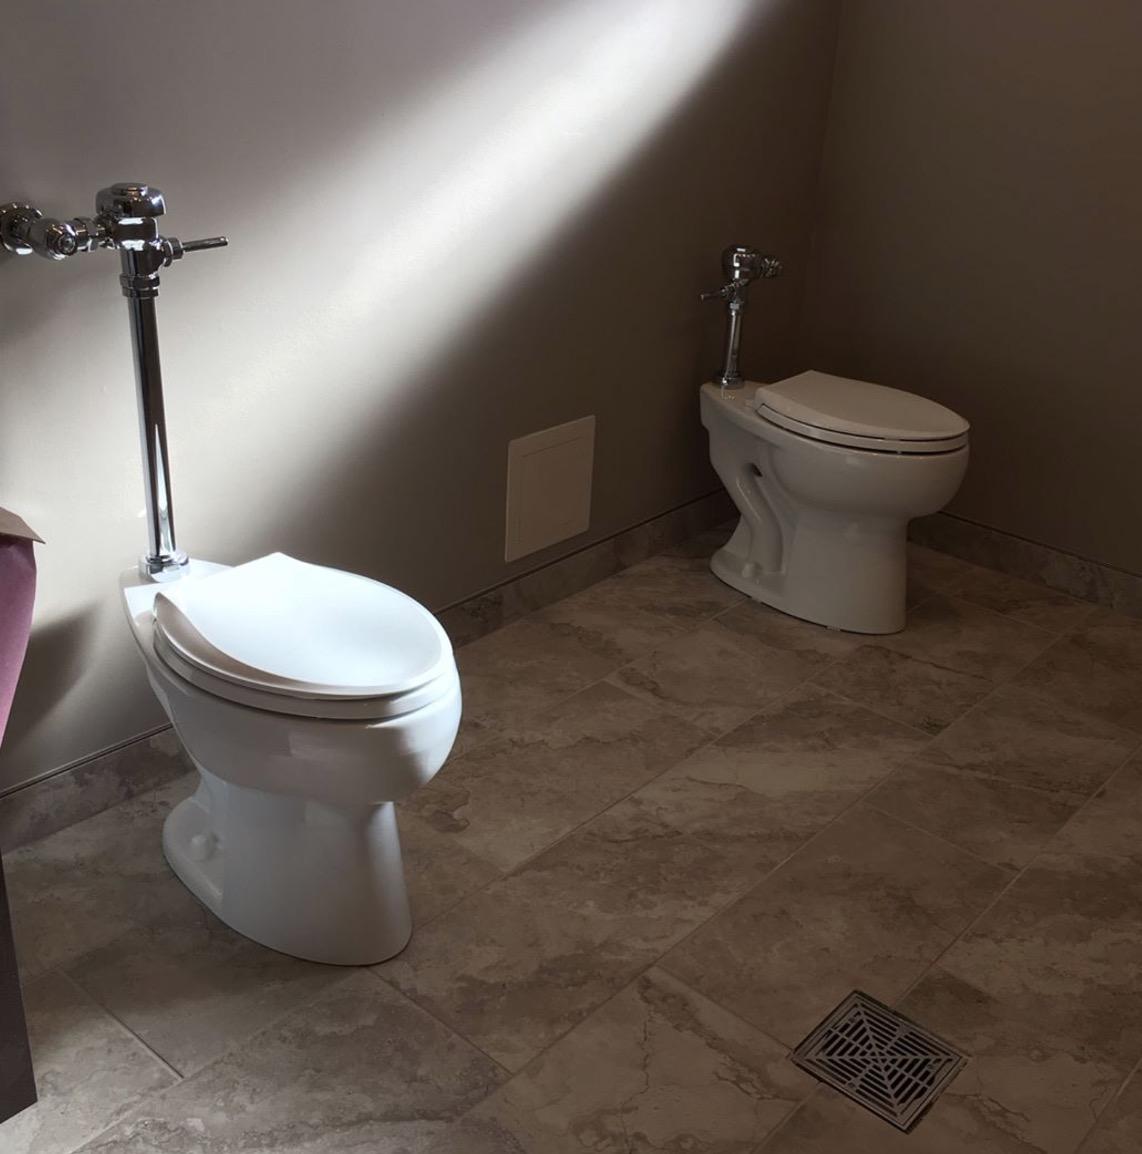 Sloan flush valves on Kohler toilets